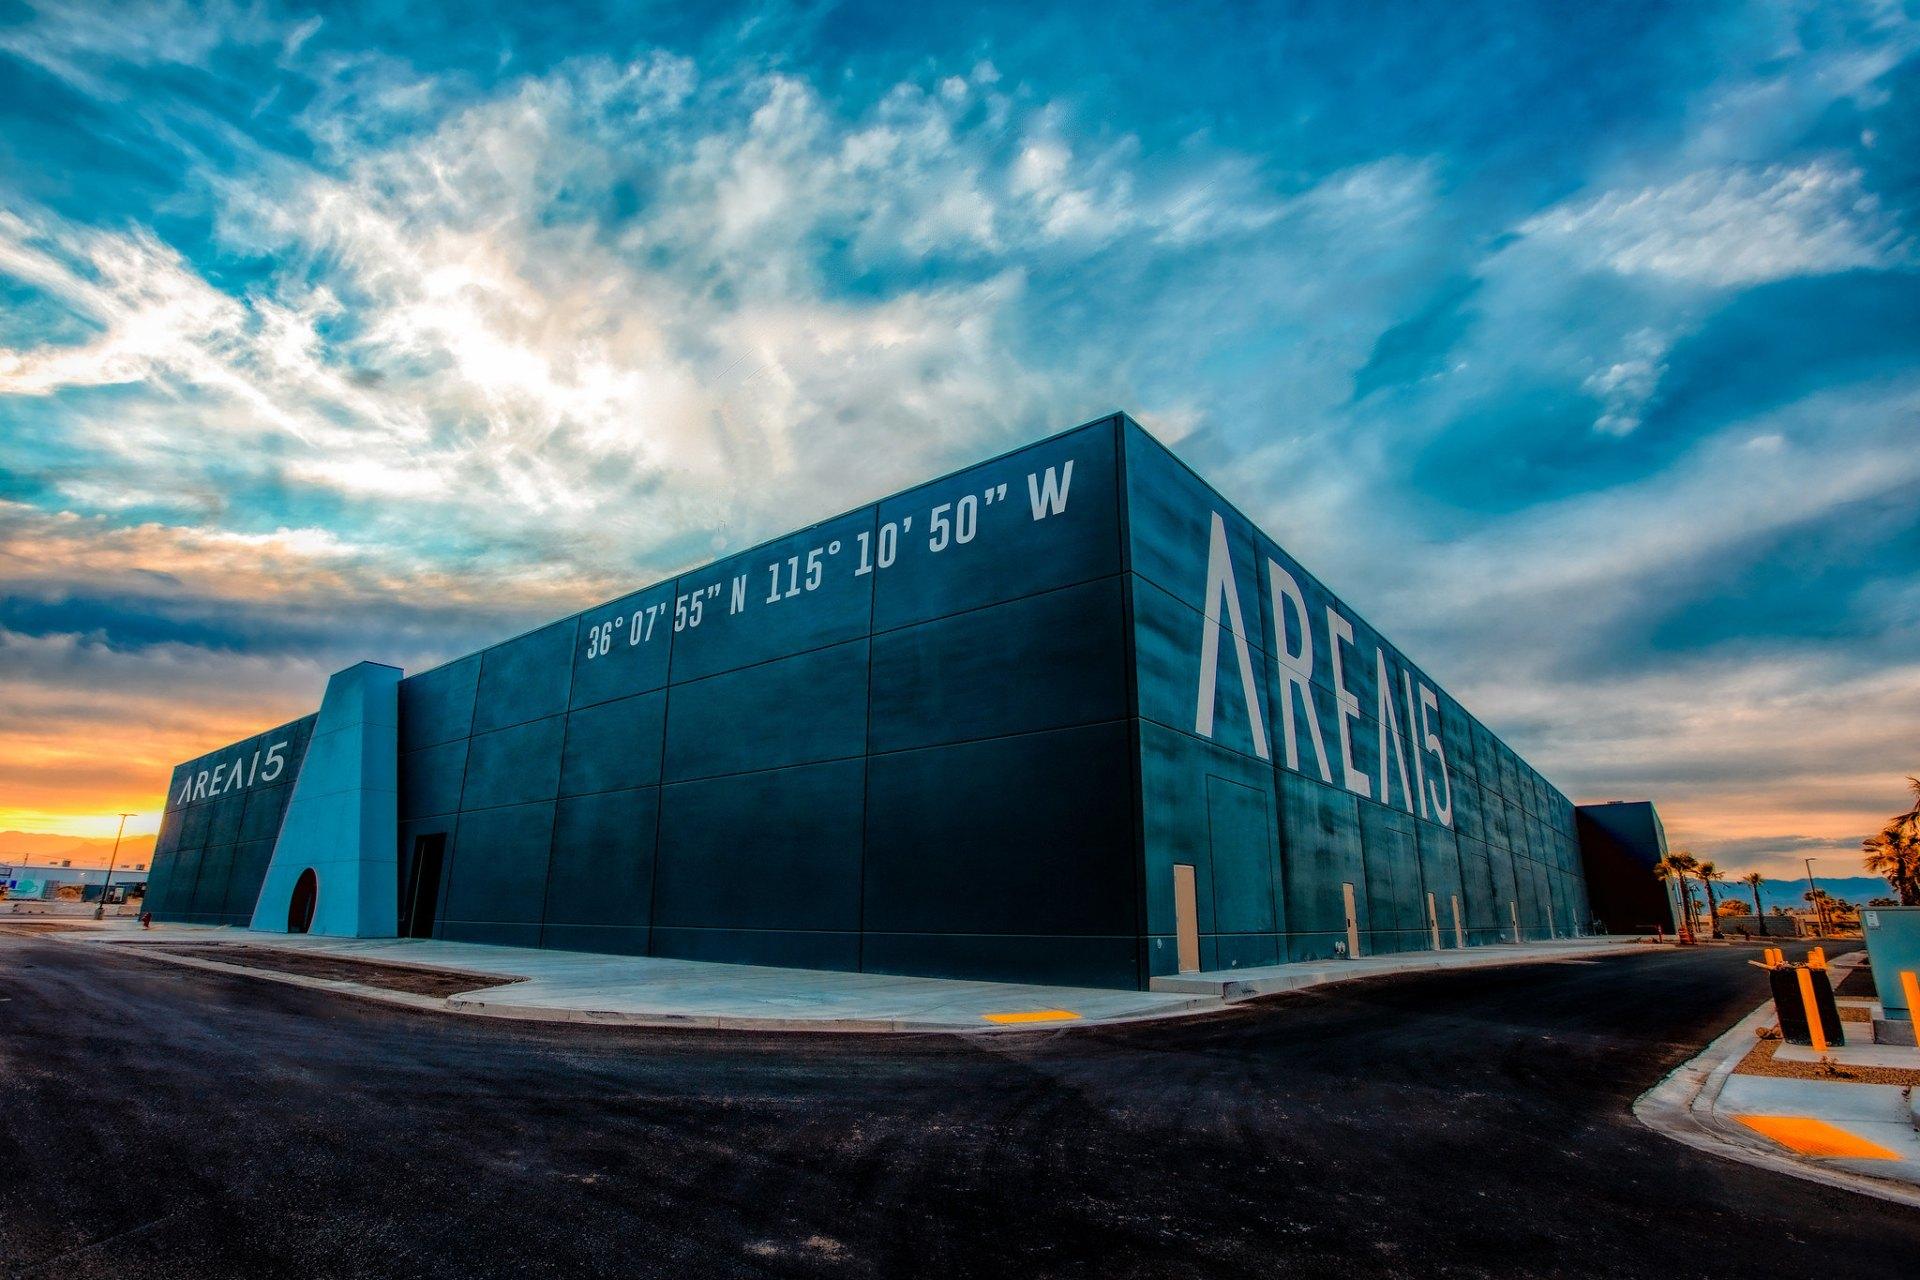 Area 15 exterior. Image: Laurent Velazquez.